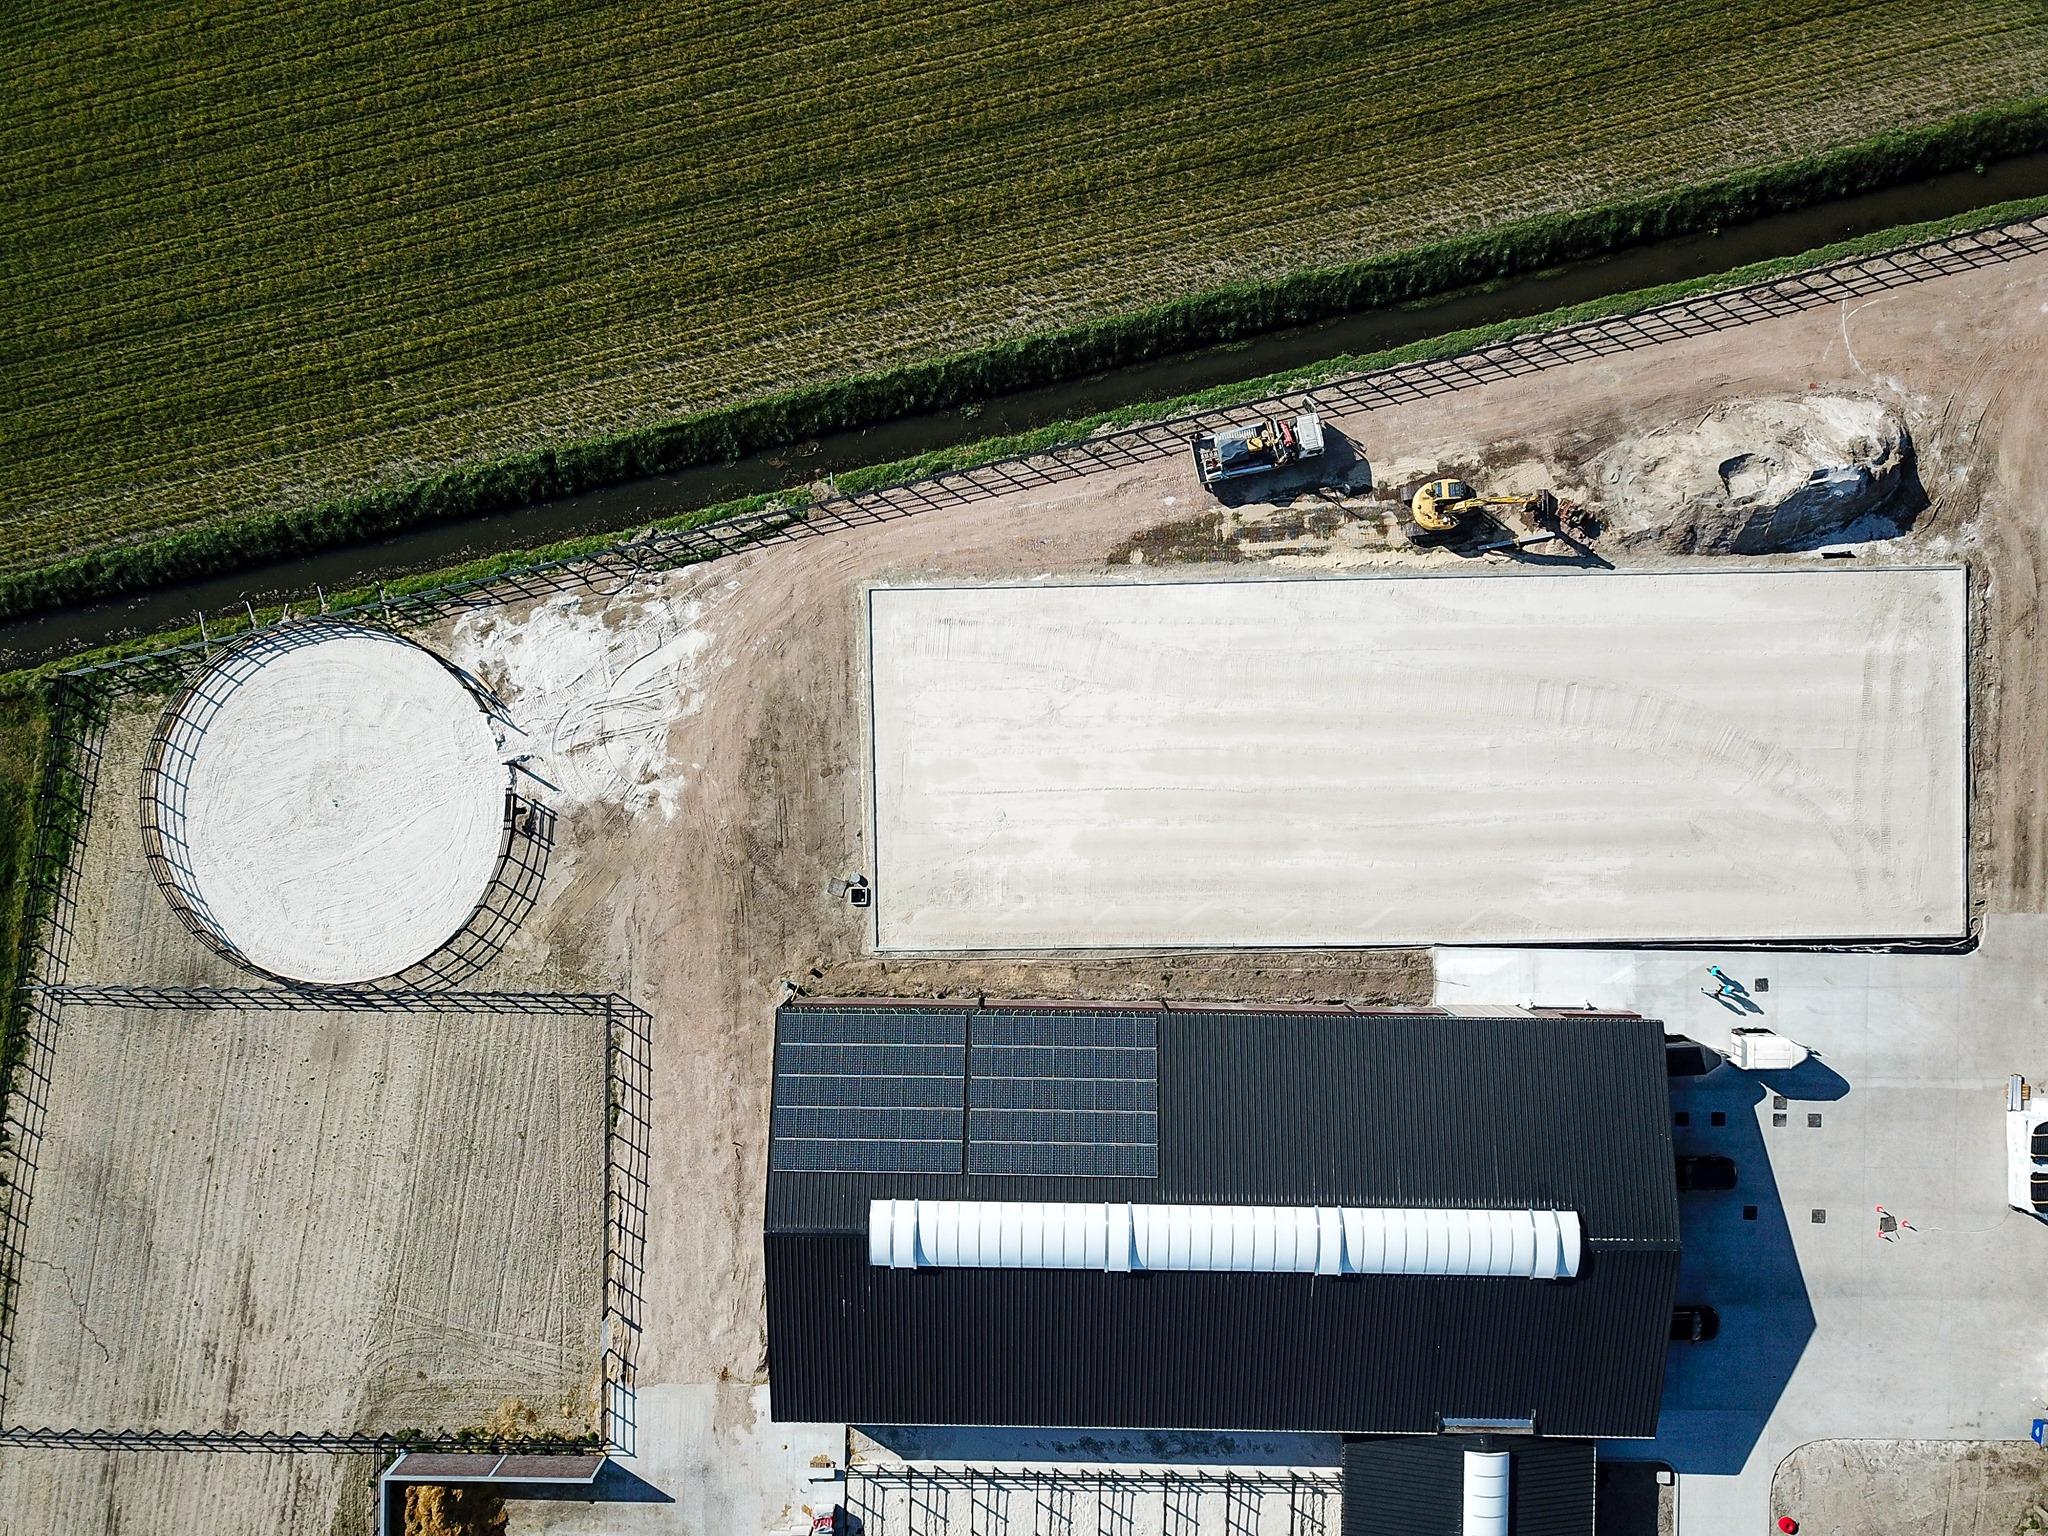 Foto uit de lucht van Serenity Stables